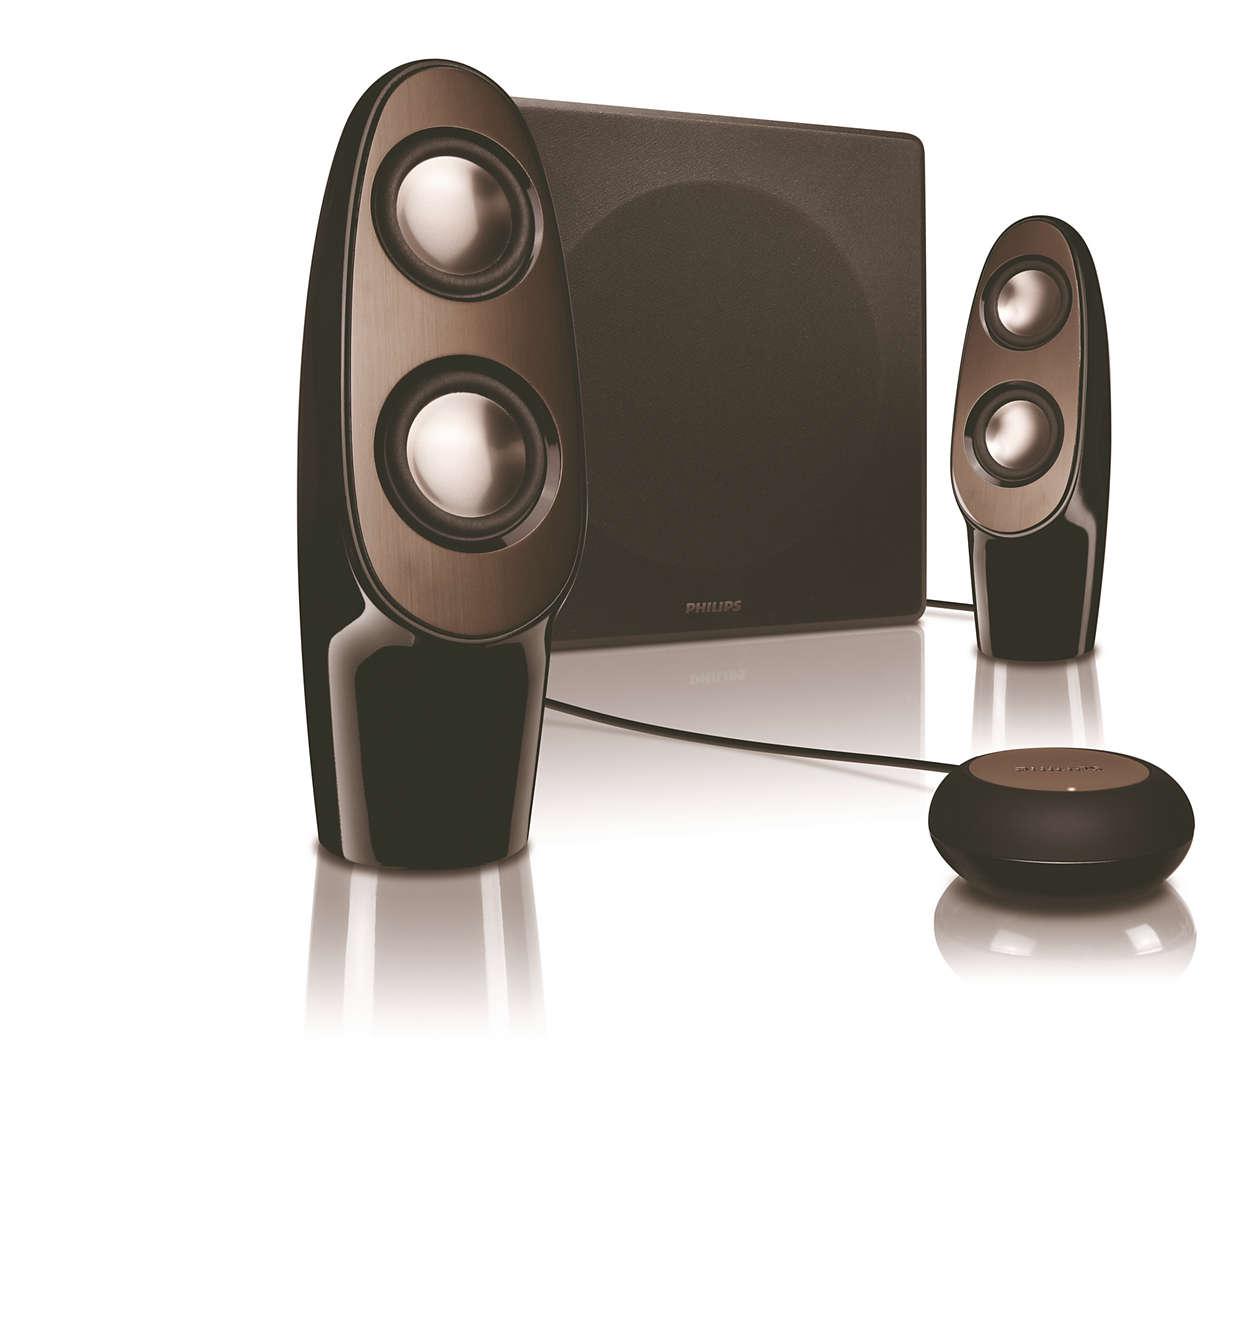 Zvuk skvělý po všech stránkách